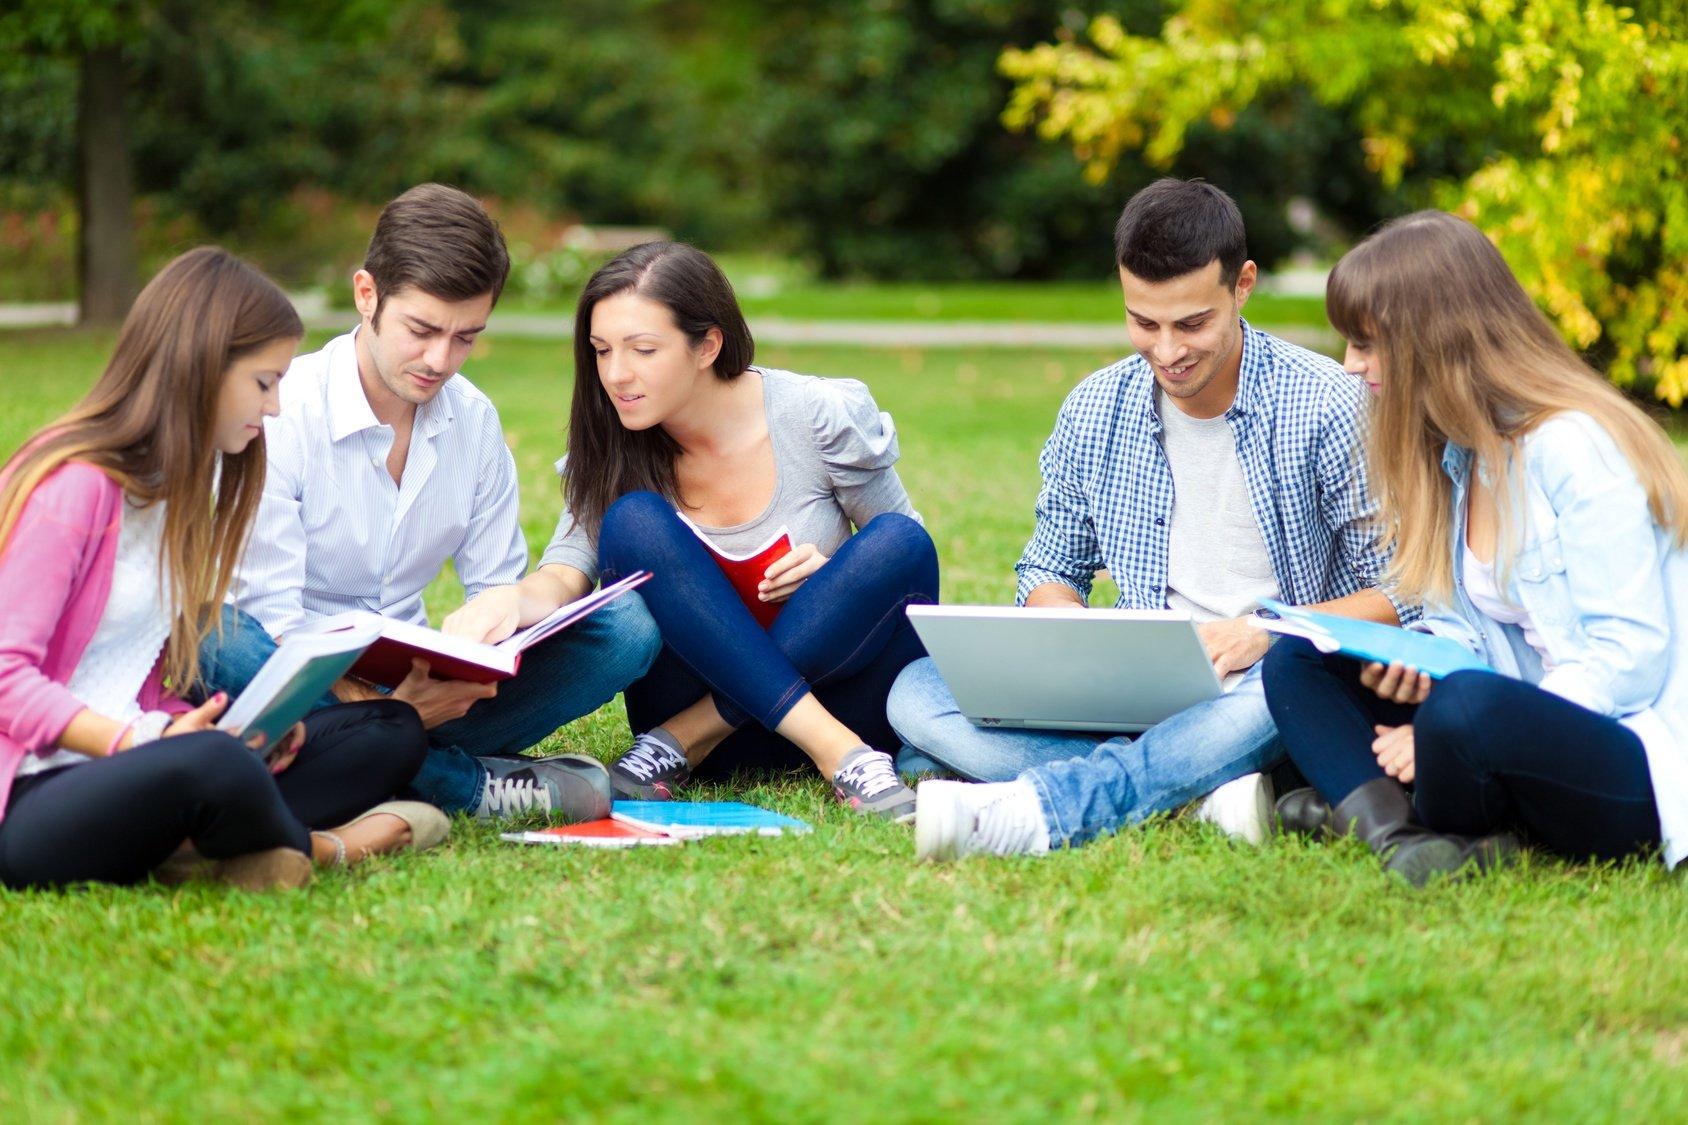 Checklist for College Freshmen